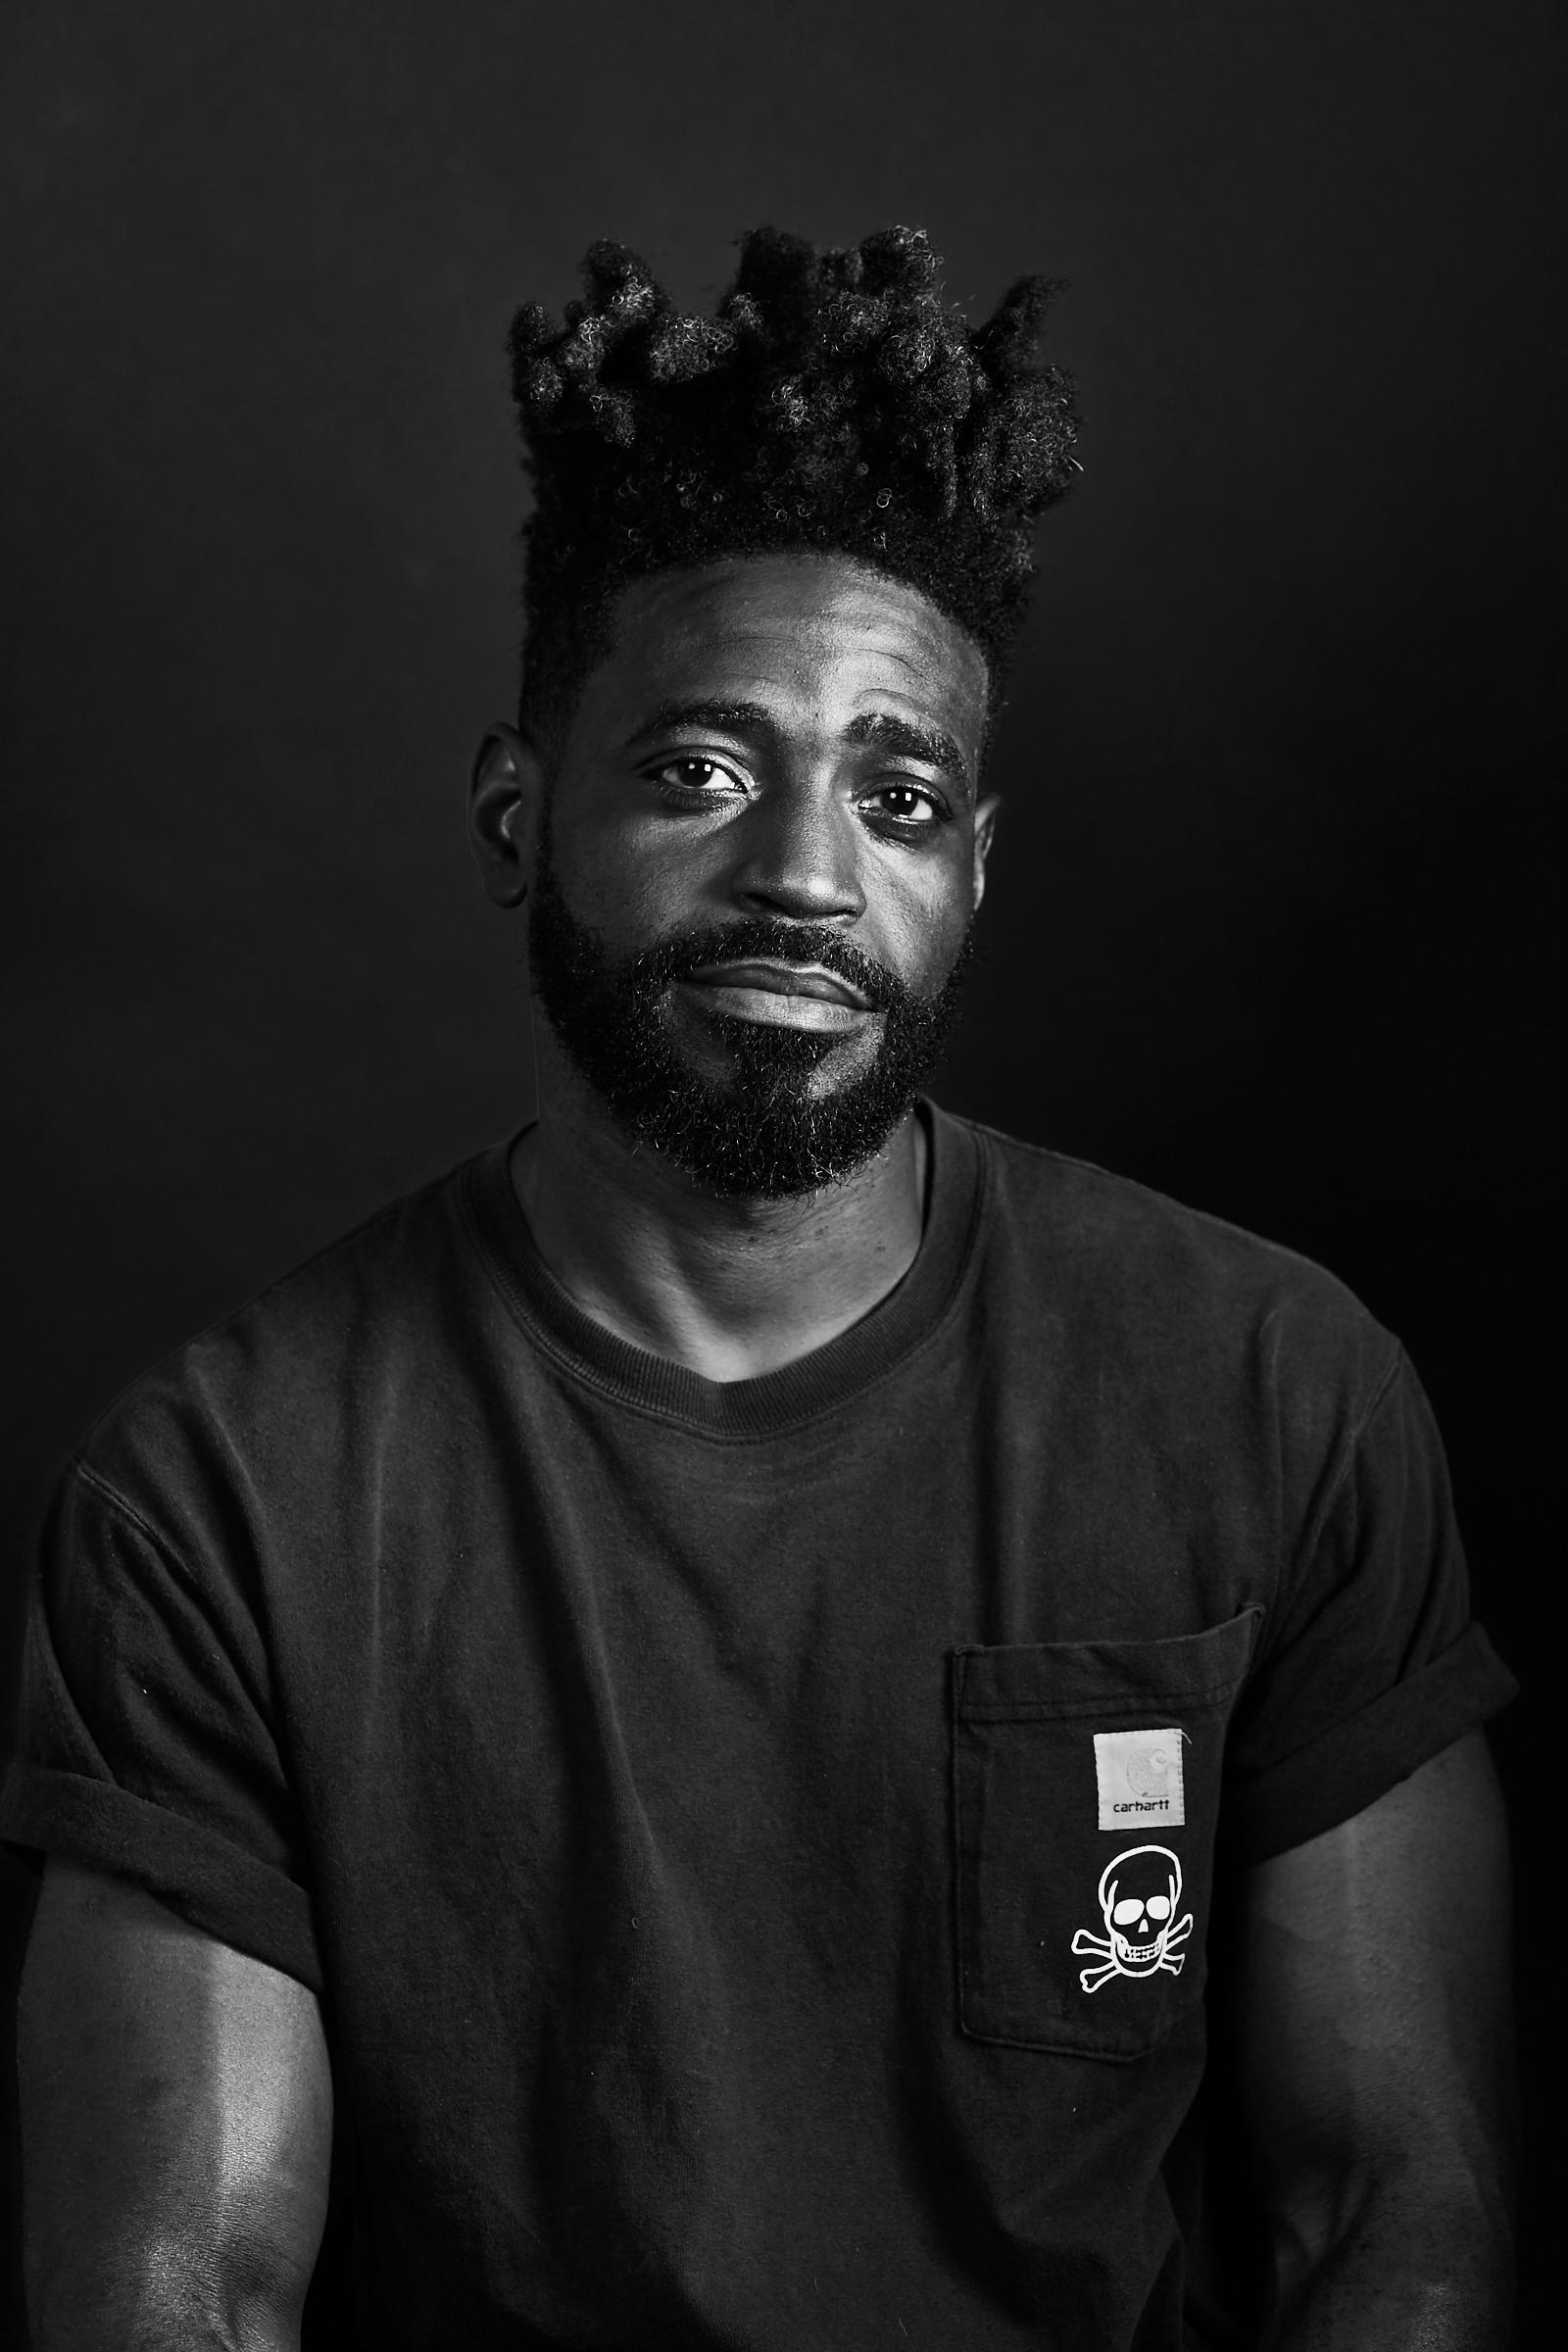 Emeka Obi